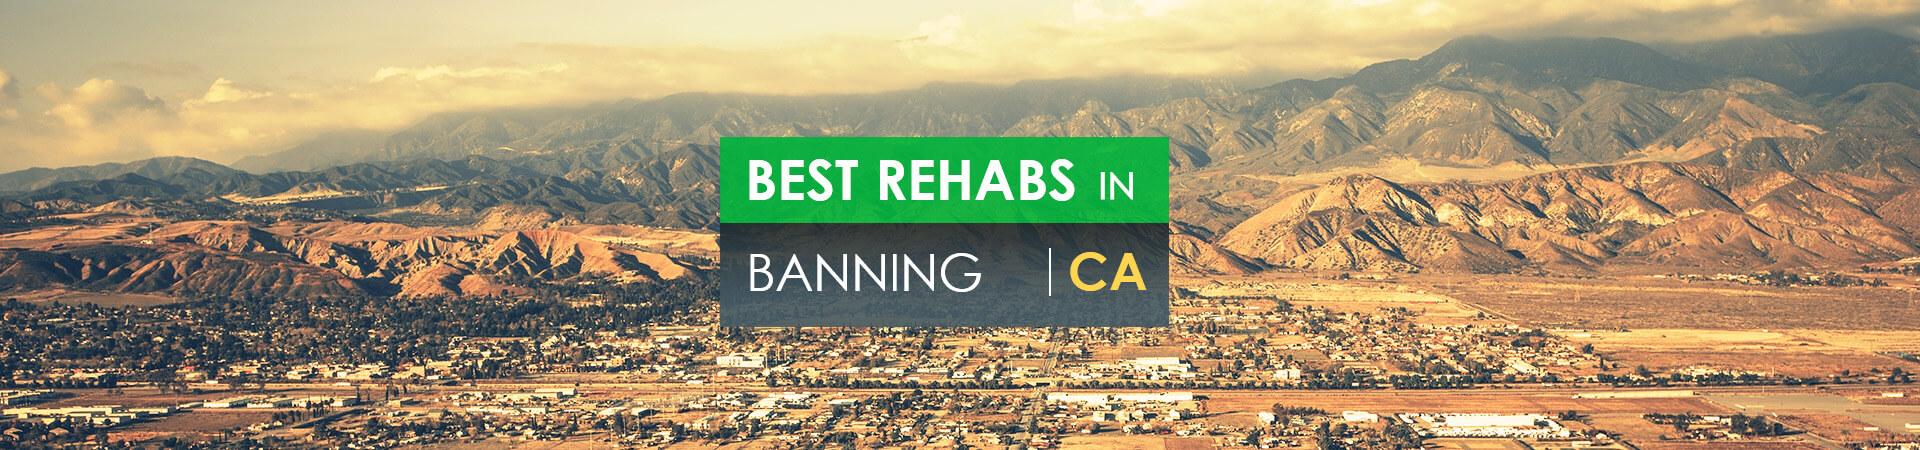 Best rehabs in Banning, CA